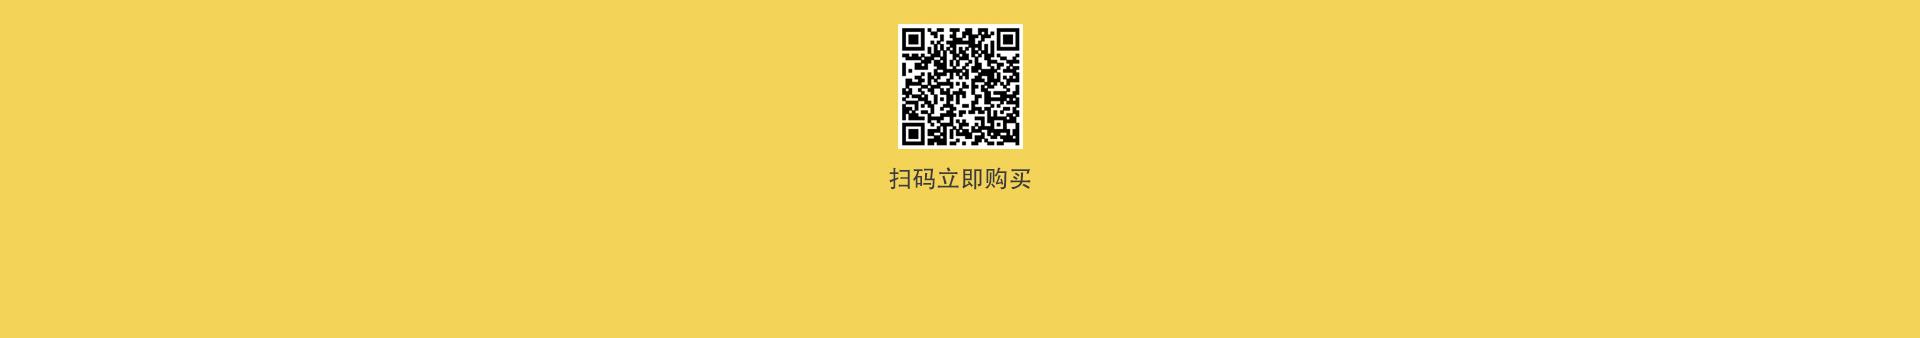 PCxiangqing_11.jpg